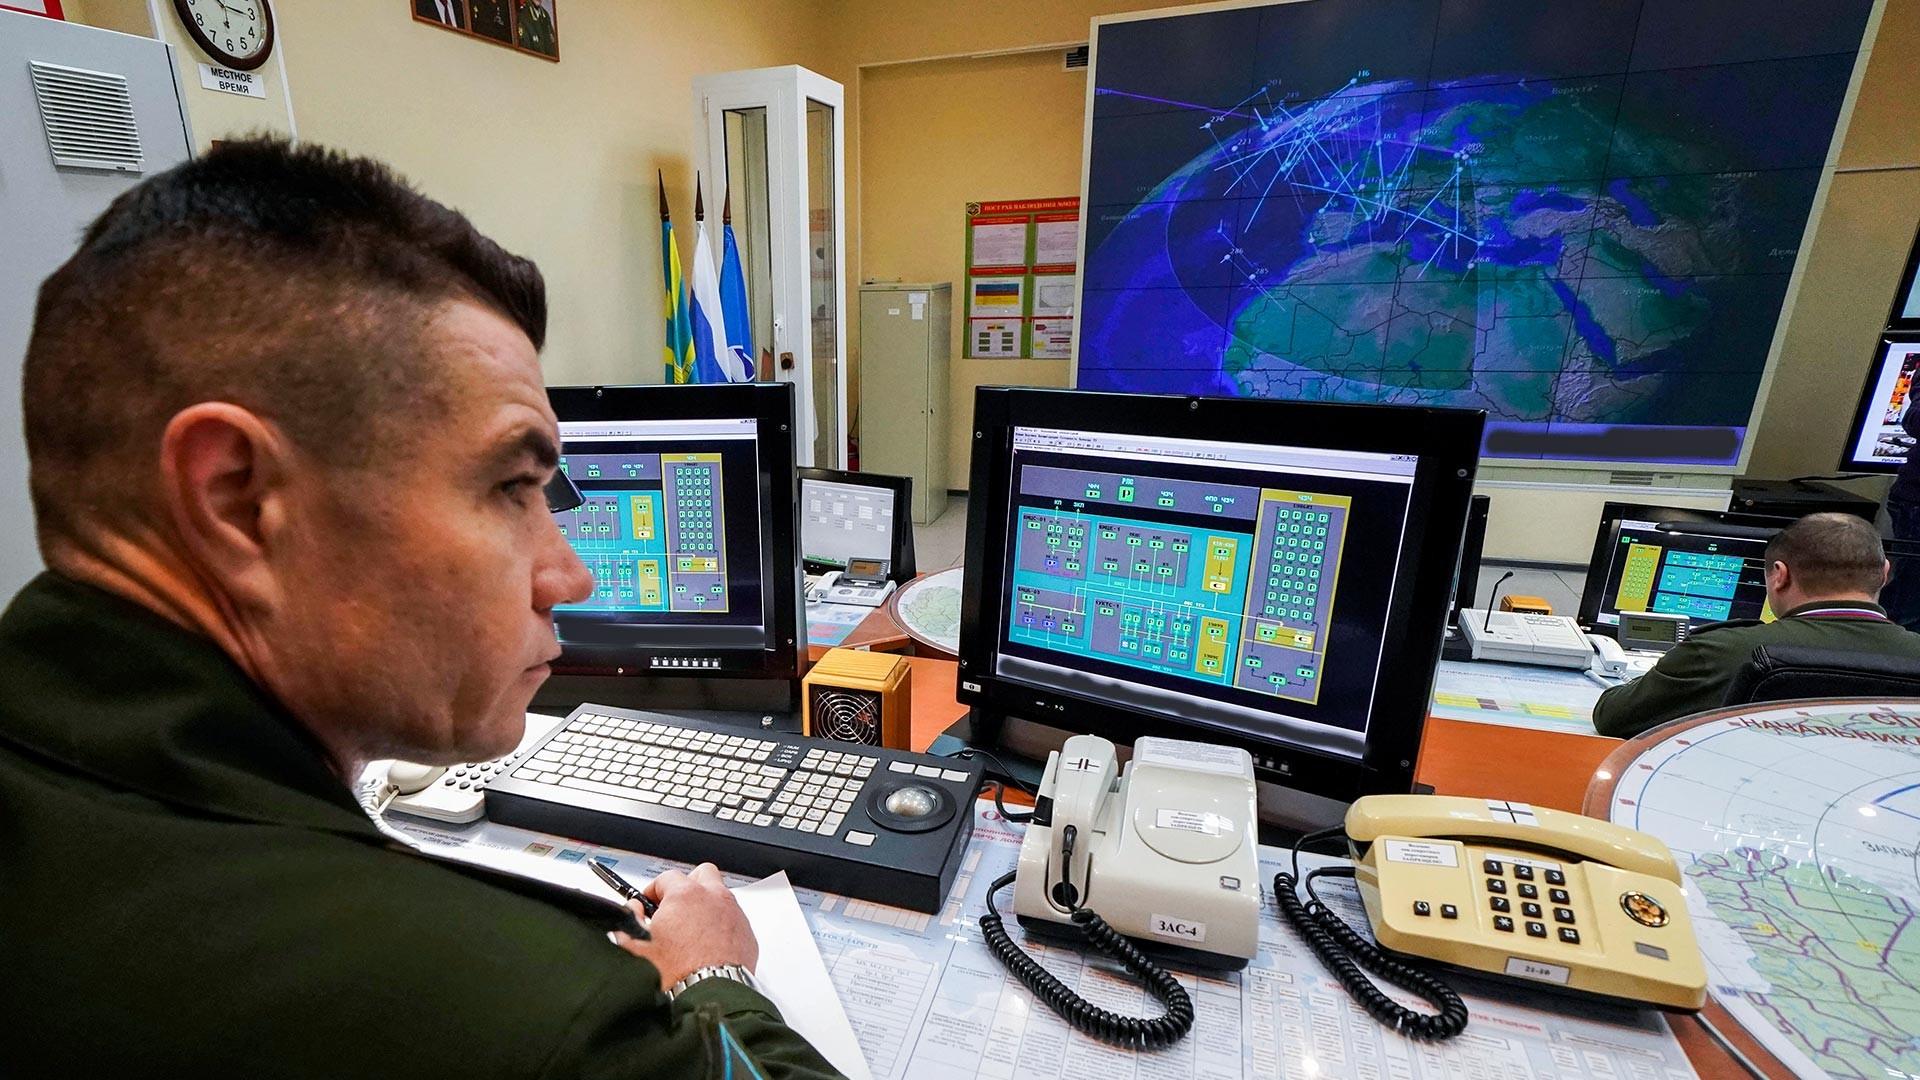 Med dežurstvom na radarski postaji Voronež-DM